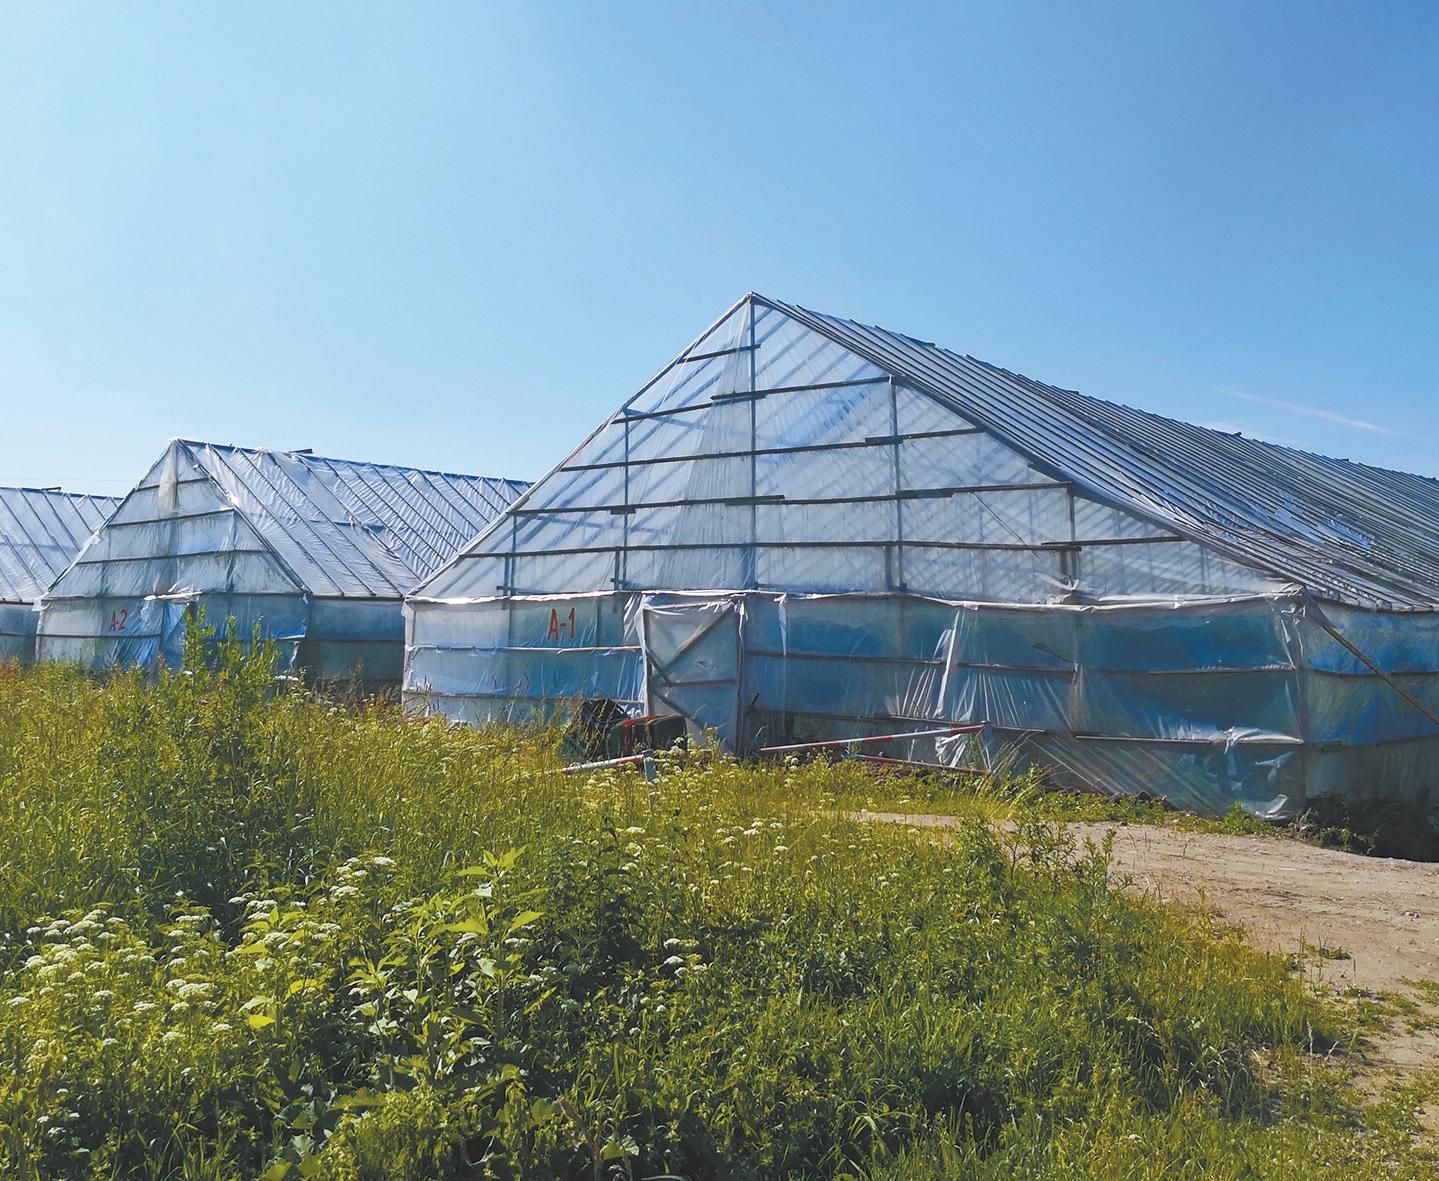 Šiųmetis agurkų derlius taip pat ankstyvesnis apie porą savaičių ne tik šiltnamiuose, bet ir žmonių daržuose.